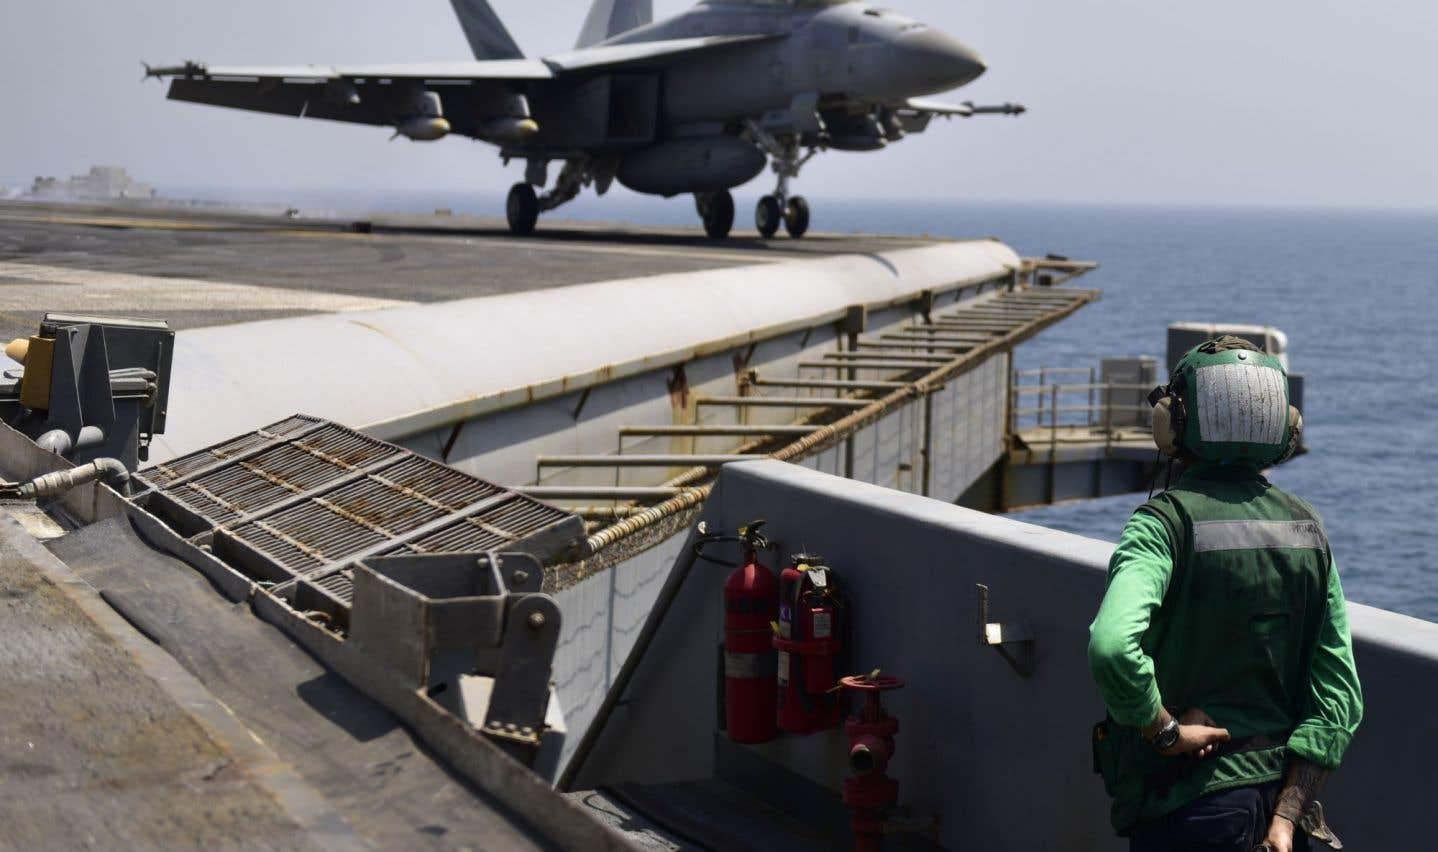 L'incident s'est produit vendredi après-midi entre le porte-avion Nimitz (sur cette photo) et les navires l'accompagnant d'un côté et des frégates iraniennes équipées de missiles de l'autre.